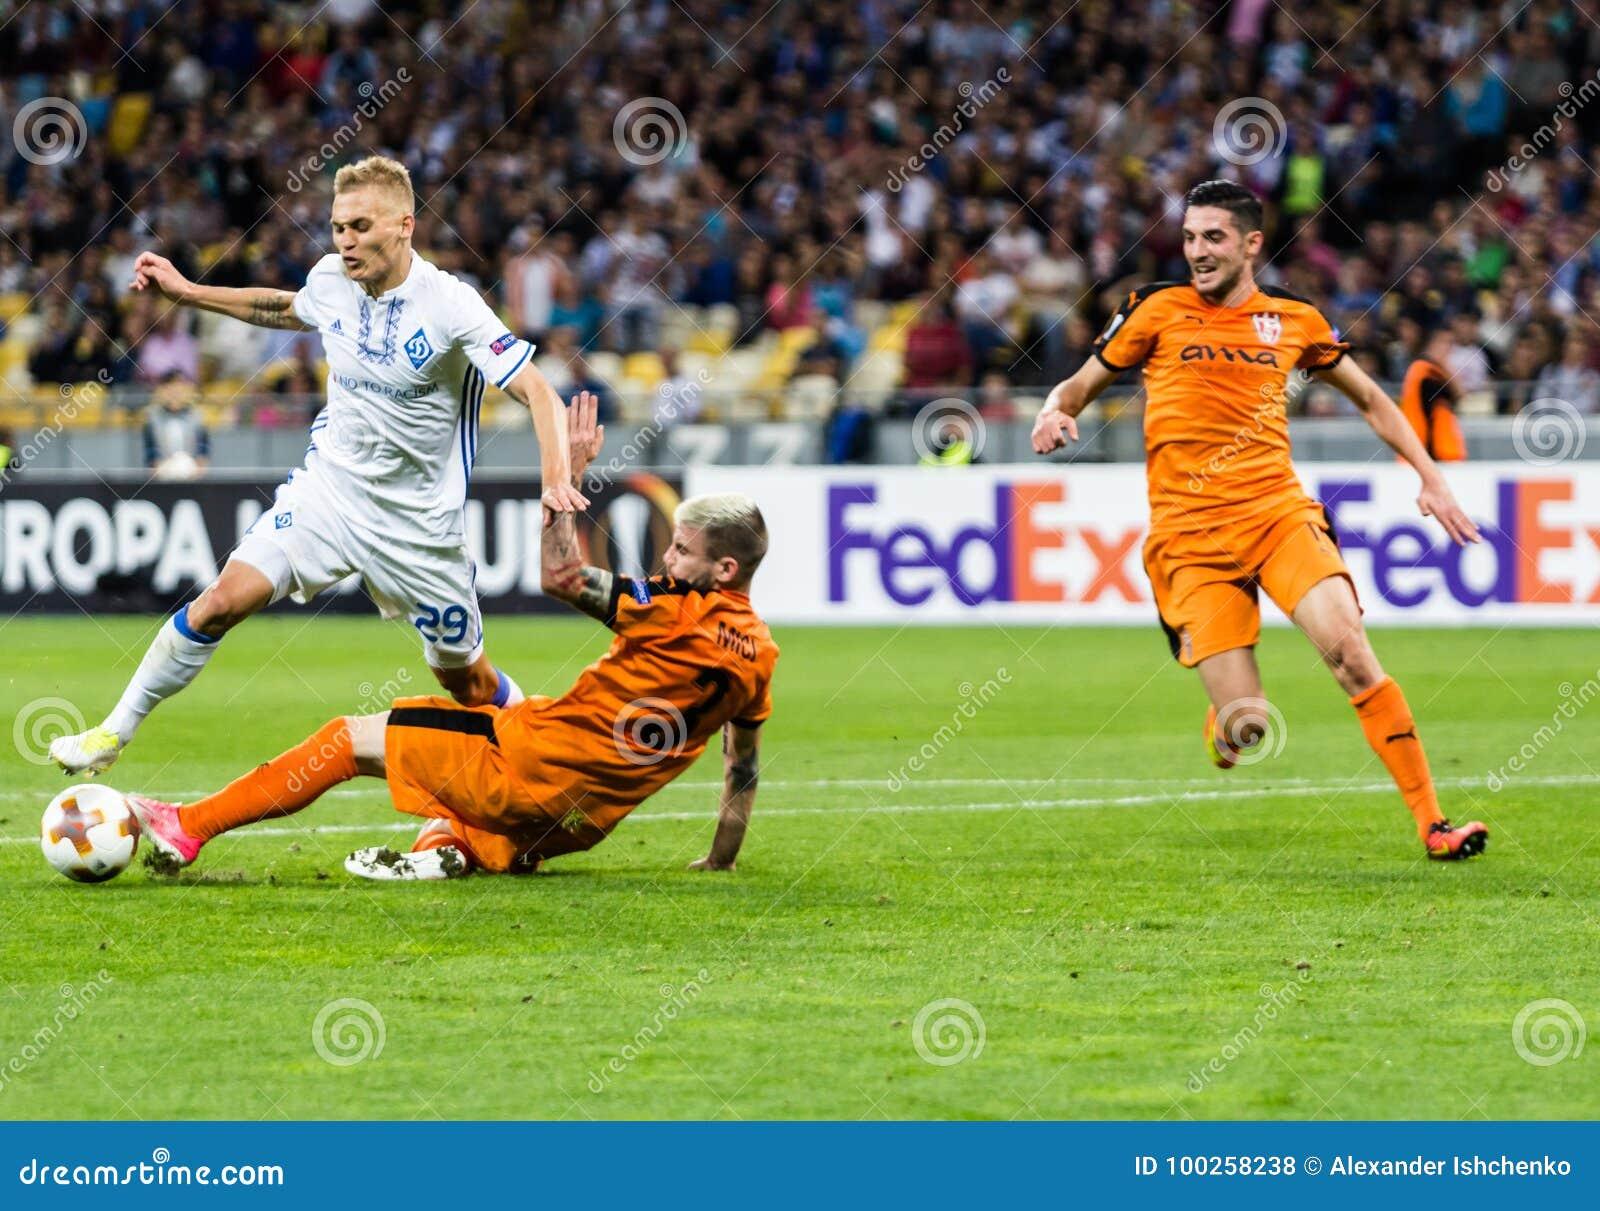 UEFA Europa League football match Dynamo Kyiv – Skenderbeu, Se